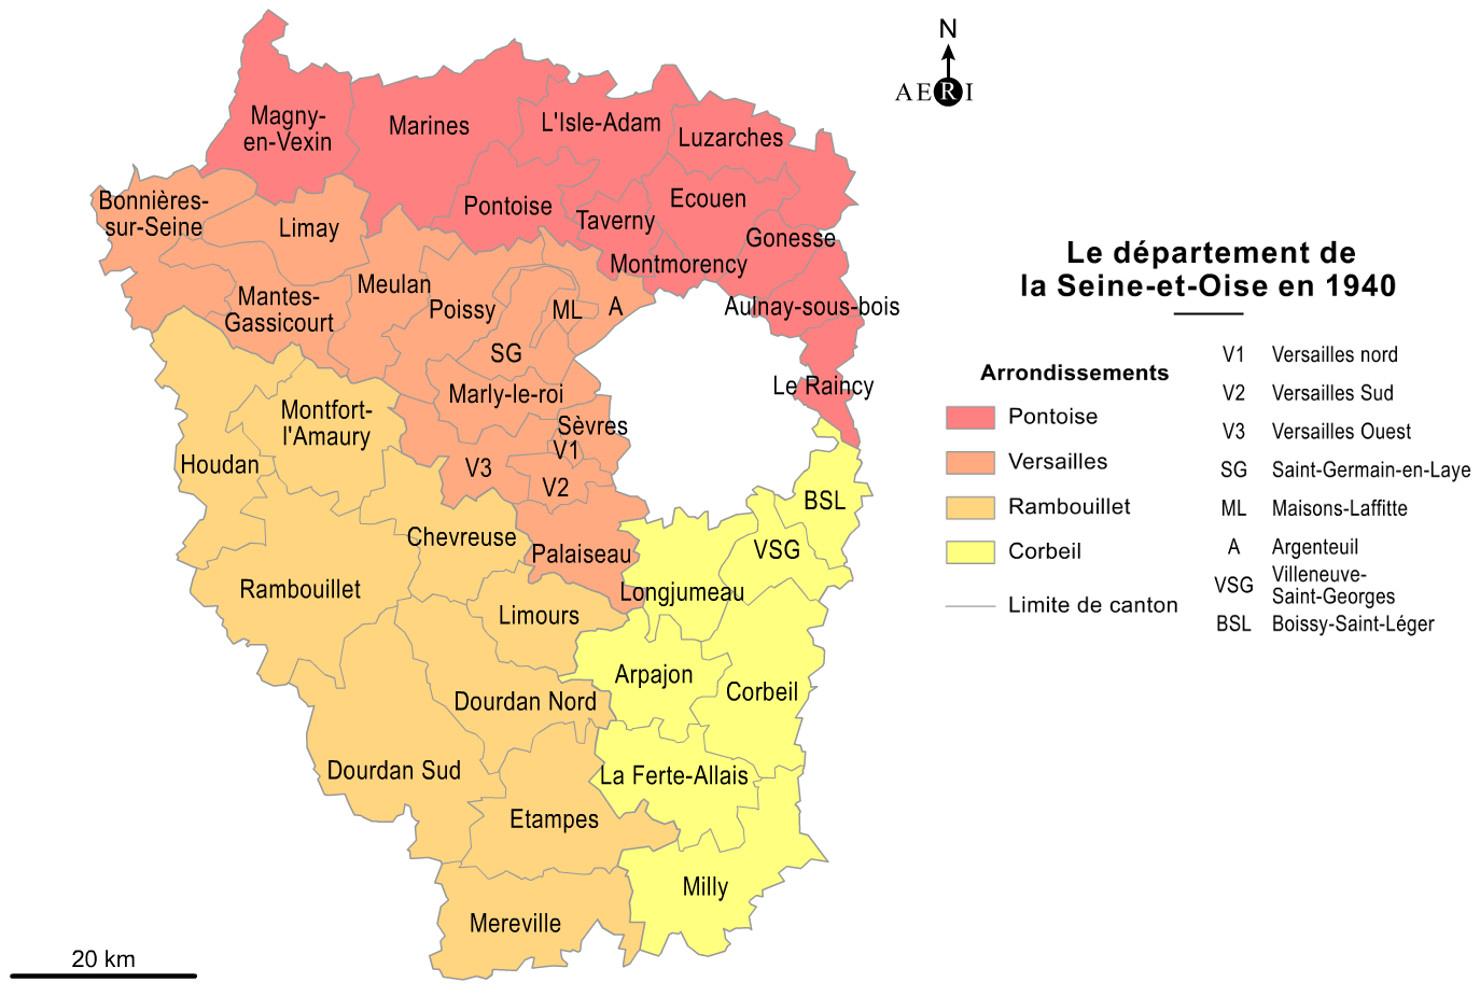 Musée De La Résistance En Ligne encequiconcerne Ile De France Département Numéro